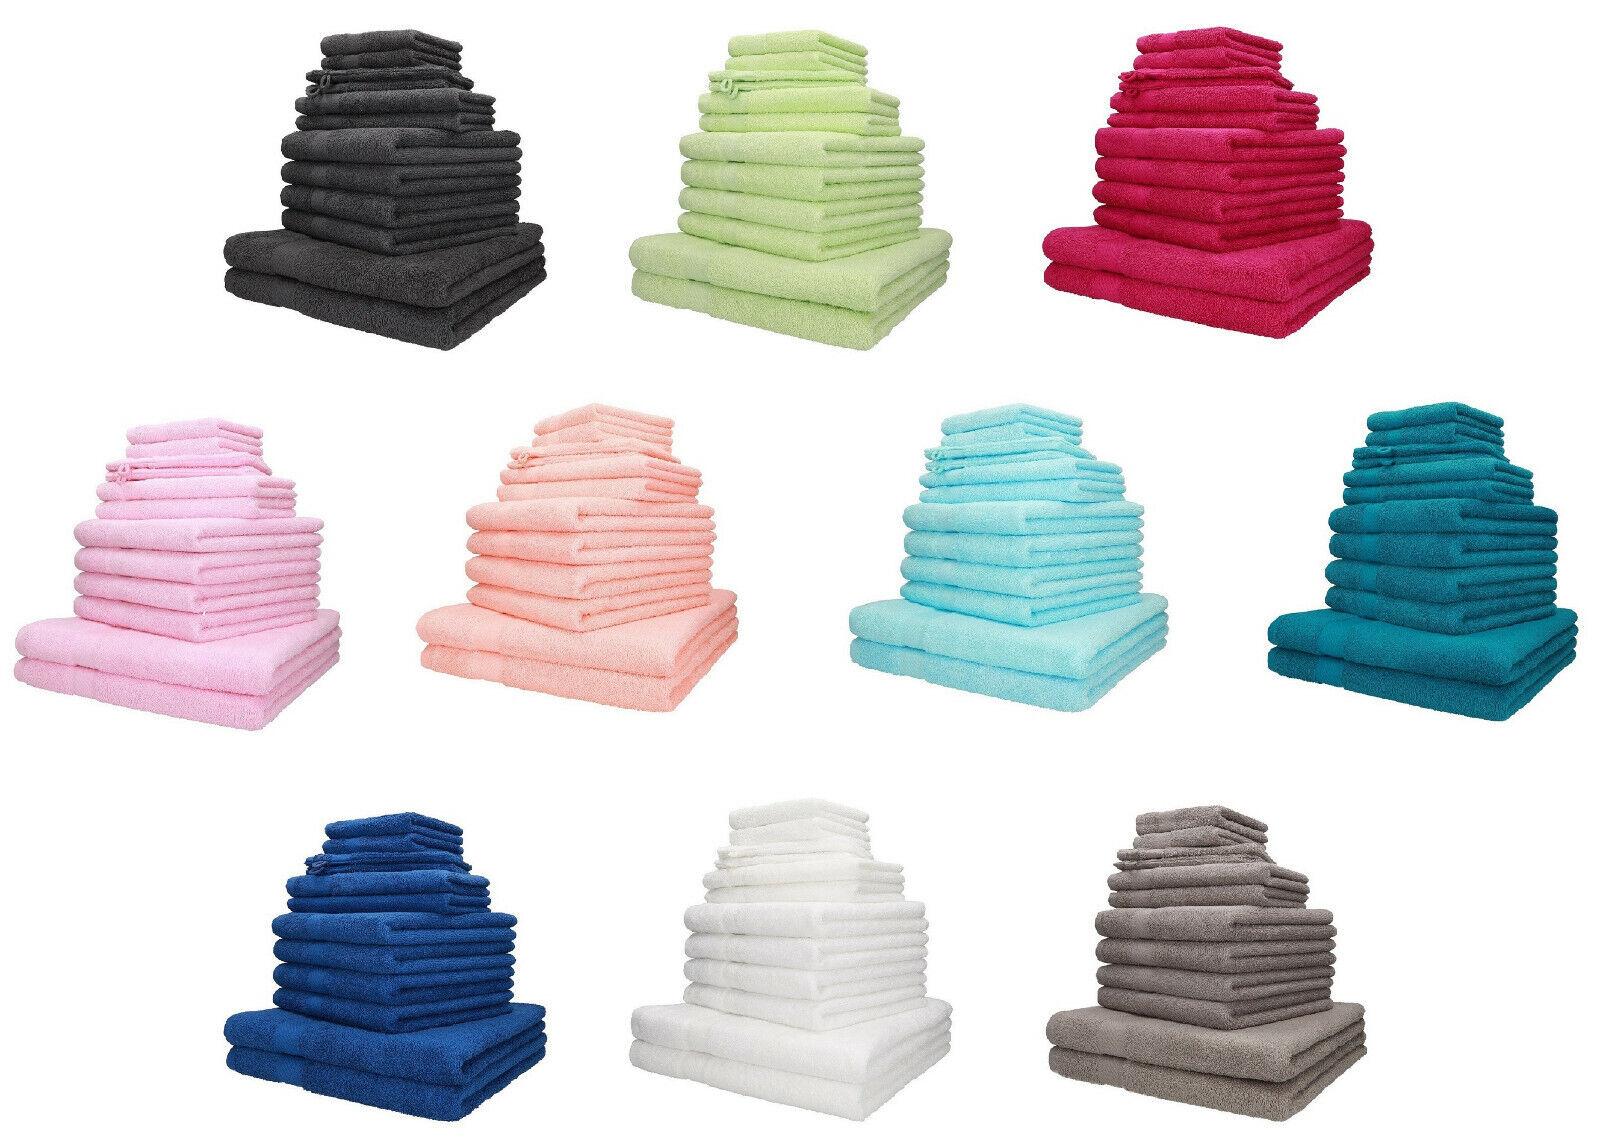 Betz 12-tlg. Handtuch-Set PALERMO 100%Baumwolle verschiedene Farben